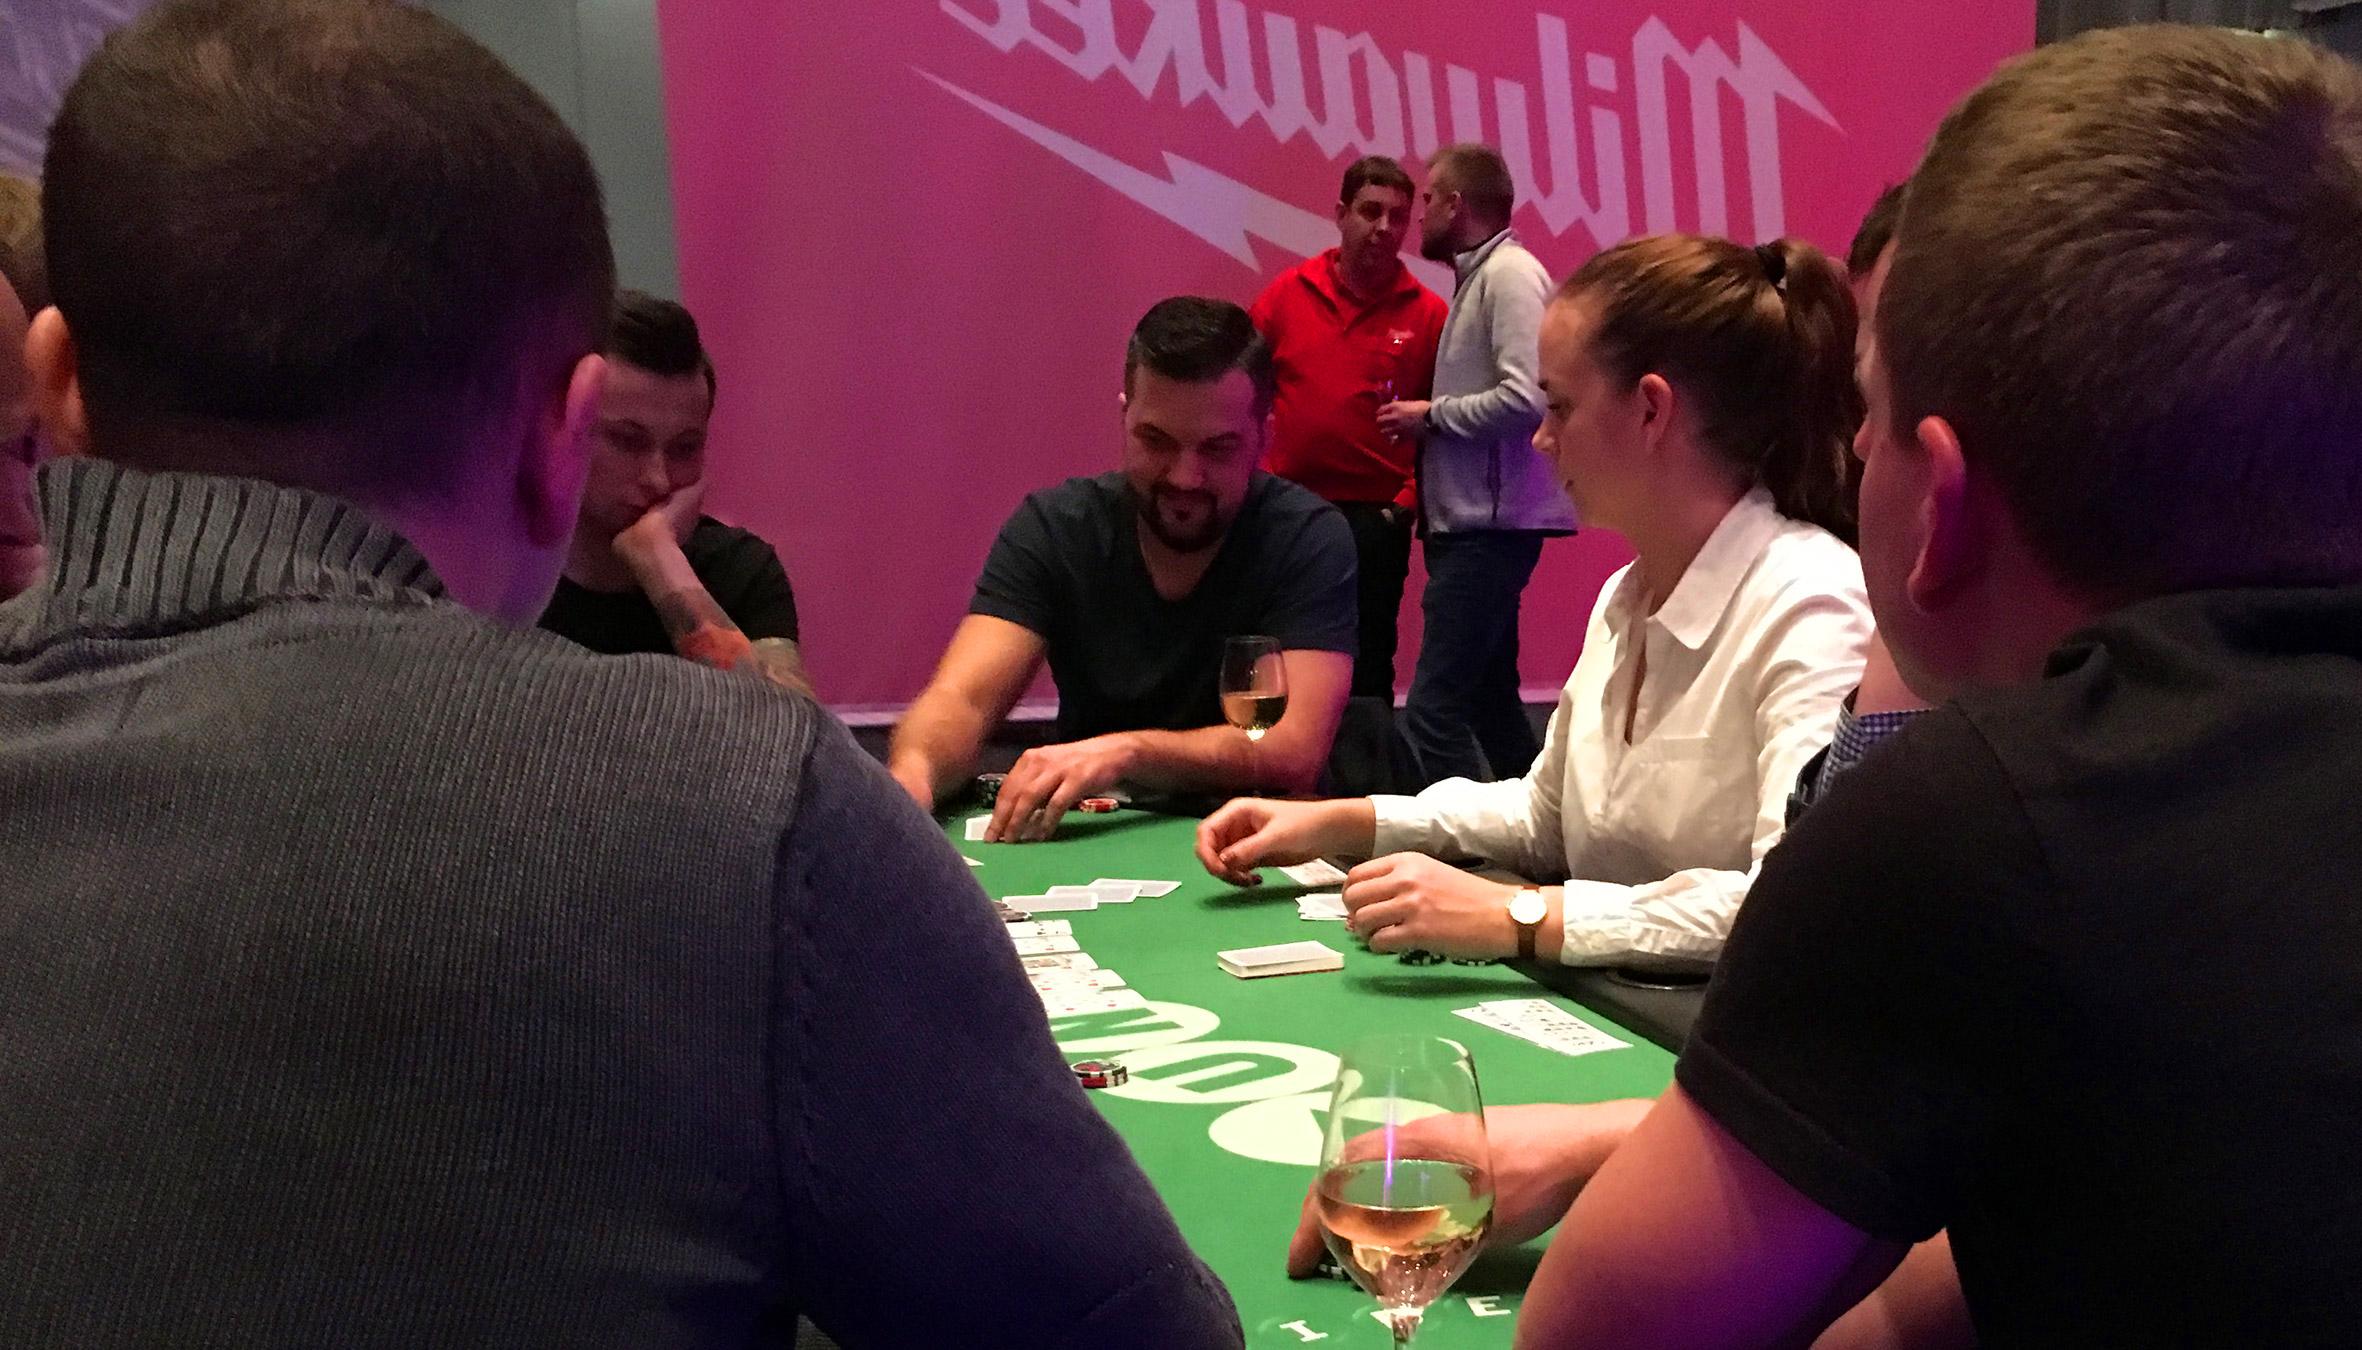 casino-event-bella-center-cph.6